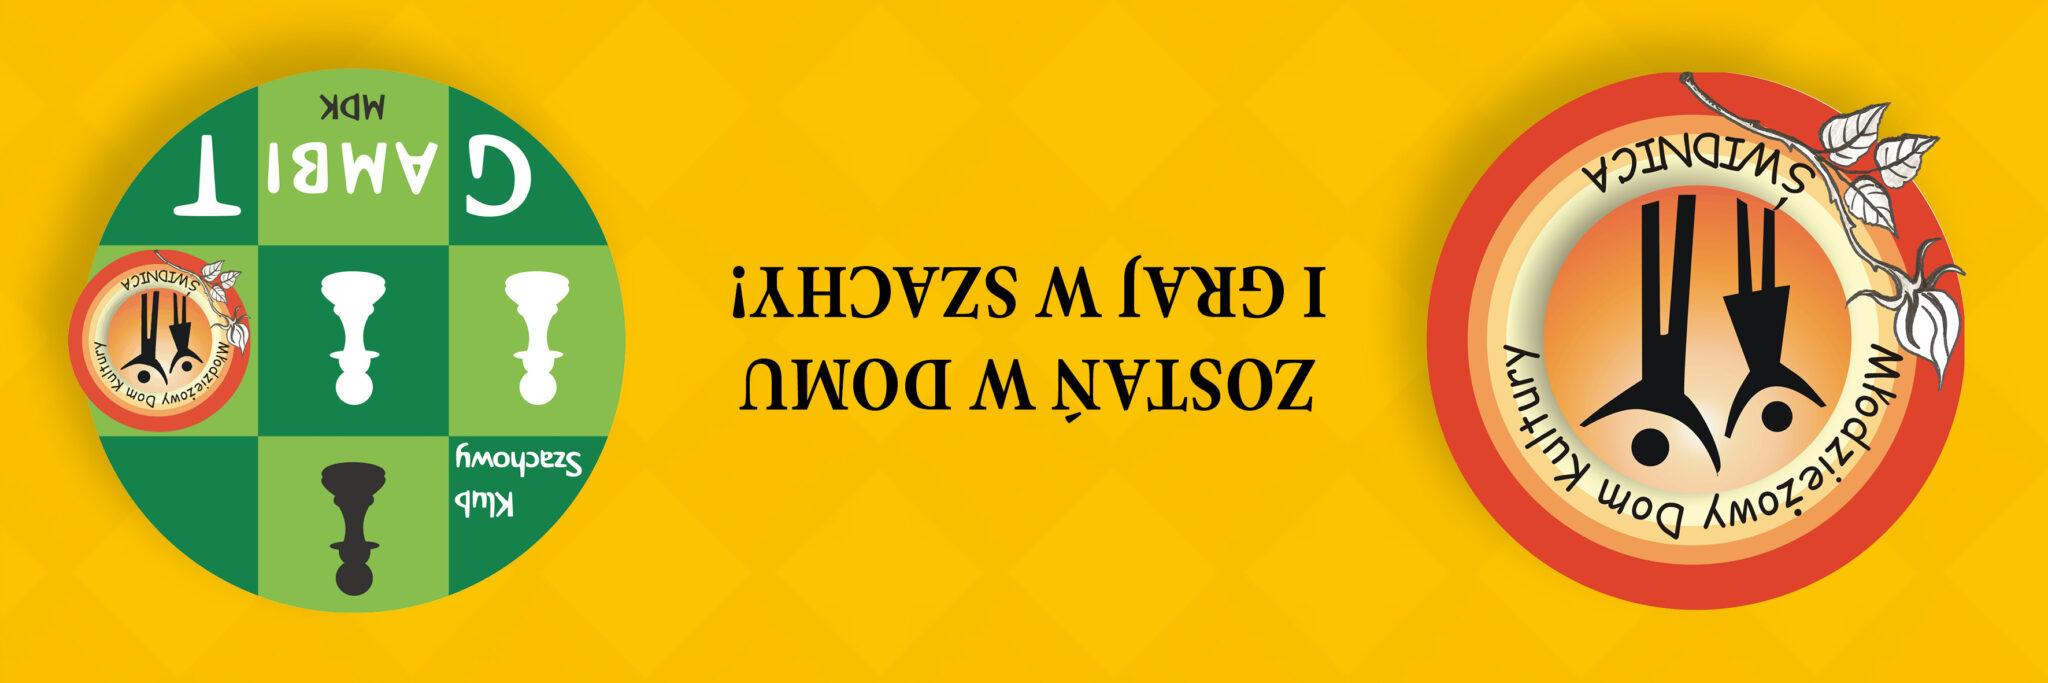 ZOSTAŃ W DOMU I GRAJ W SZACHY! (46), PLAN NA 01.02.2040 ;-)